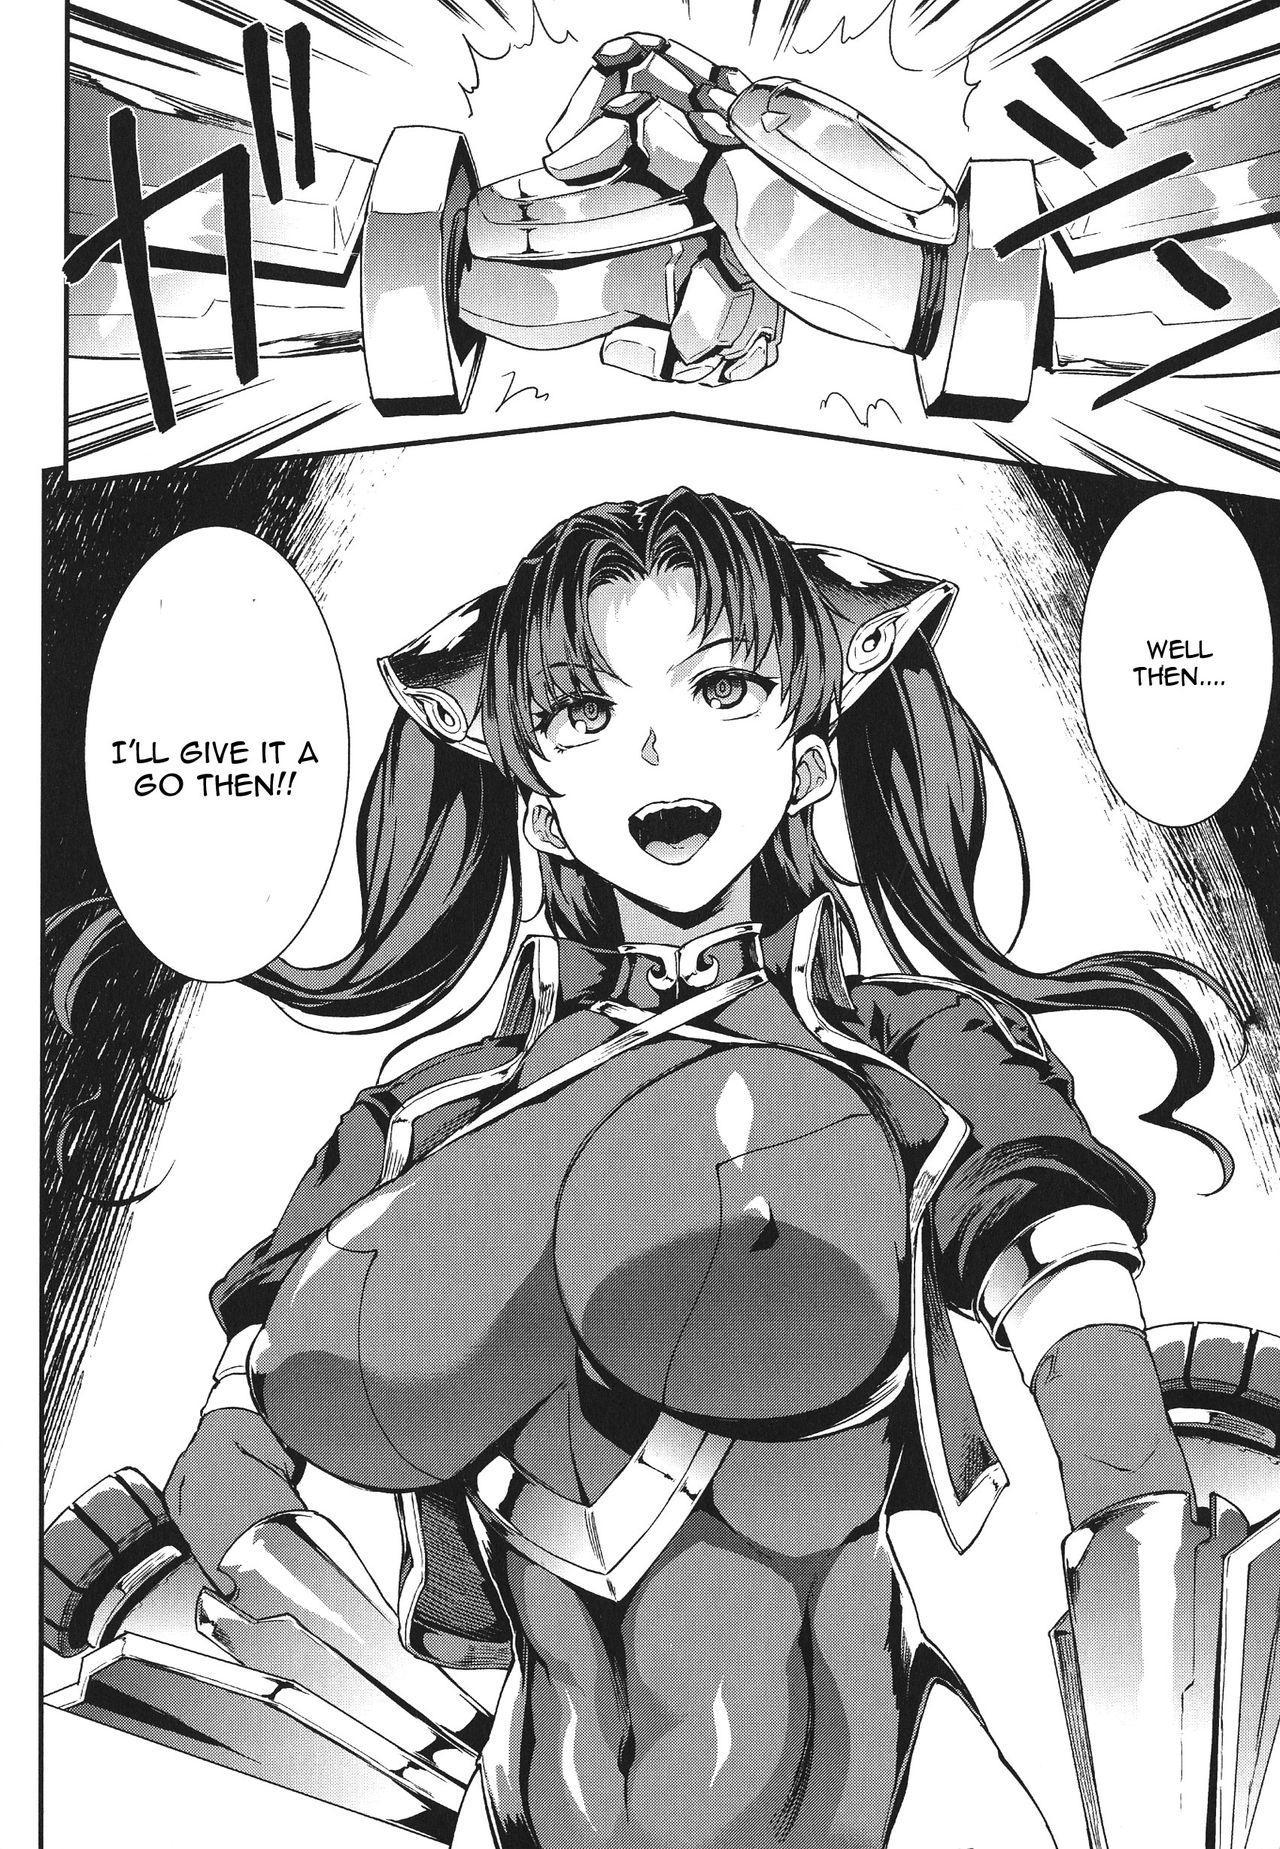 [Erect Sawaru] Raikou Shinki Igis Magia -PANDRA saga 3rd ignition- Ch. 1-5 [English] [CGrascal] 107